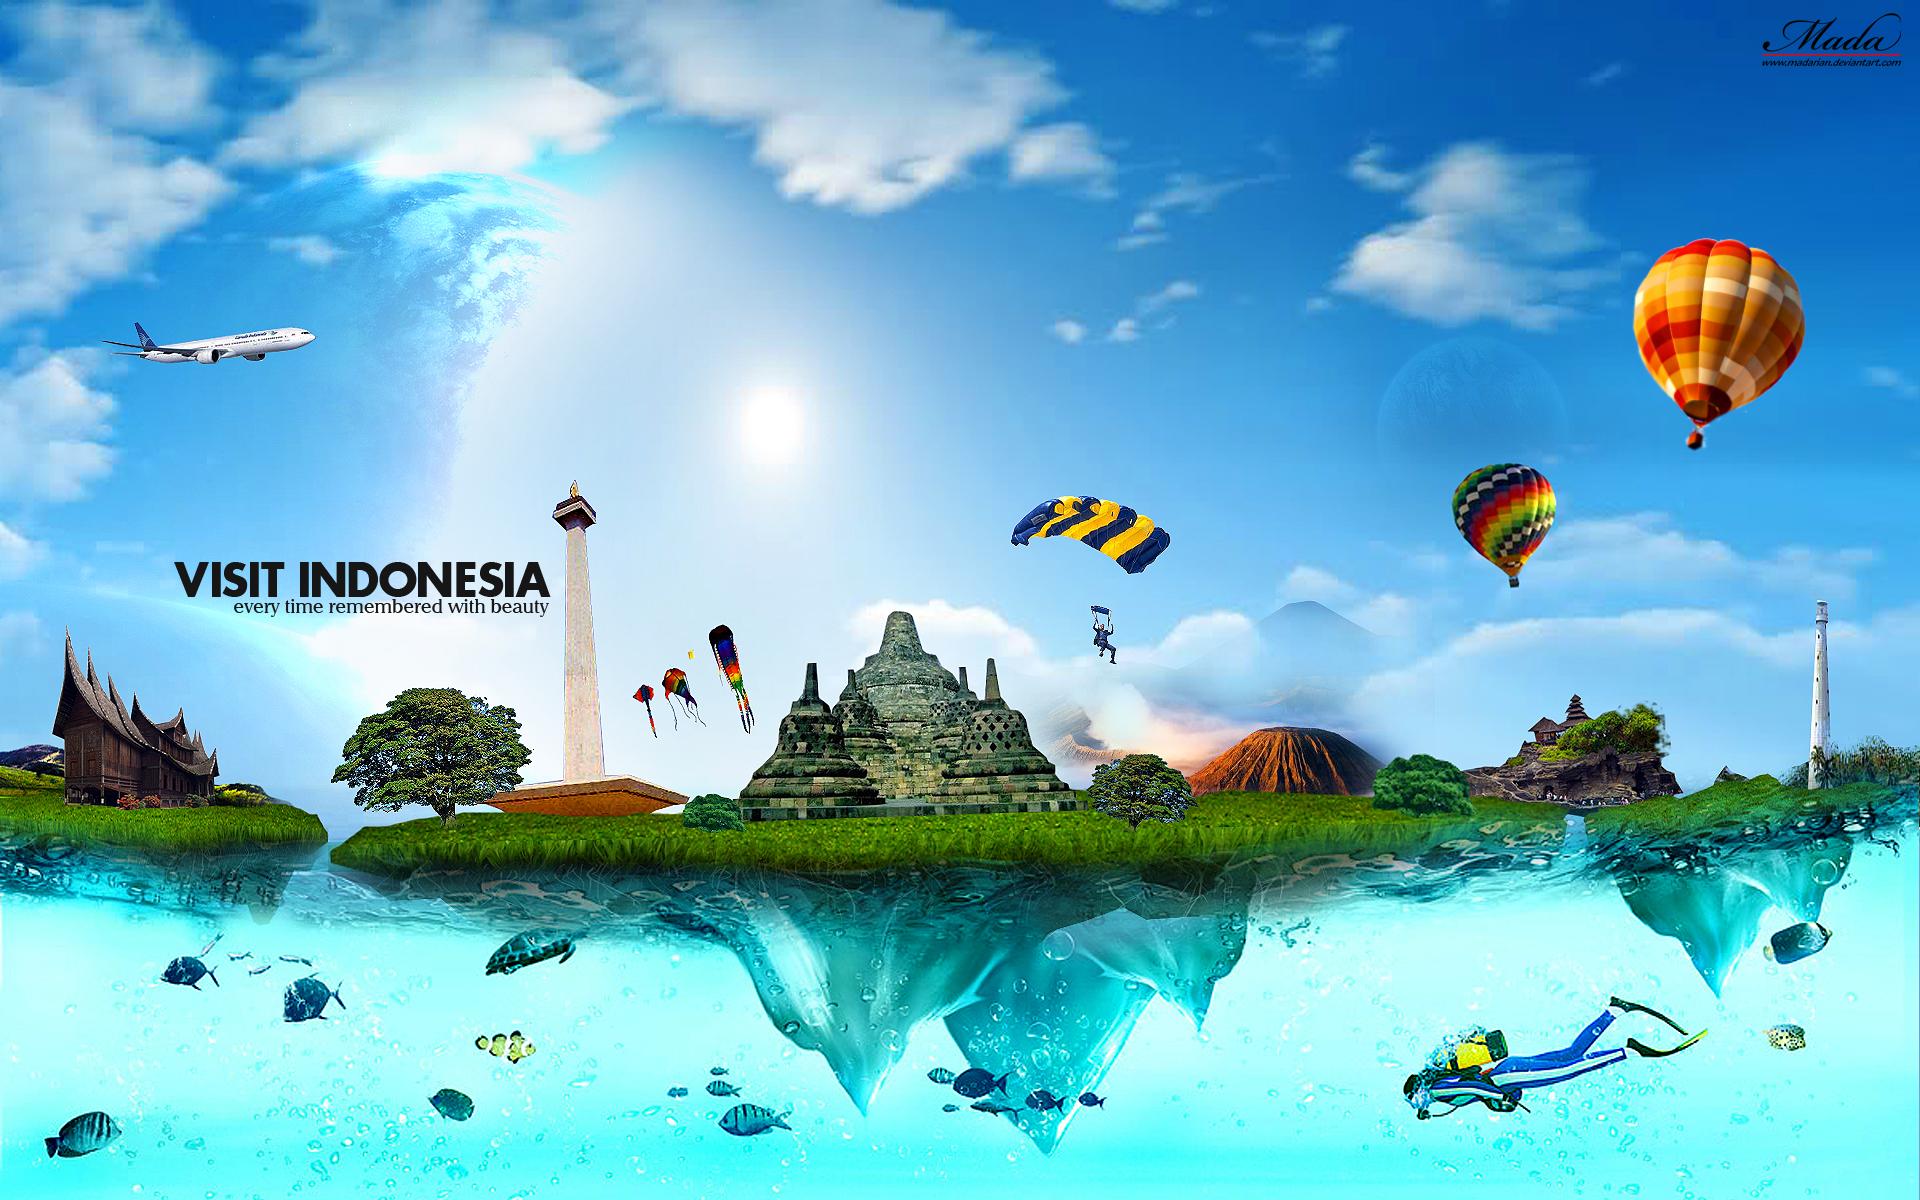 INDONESIA DESTINATION